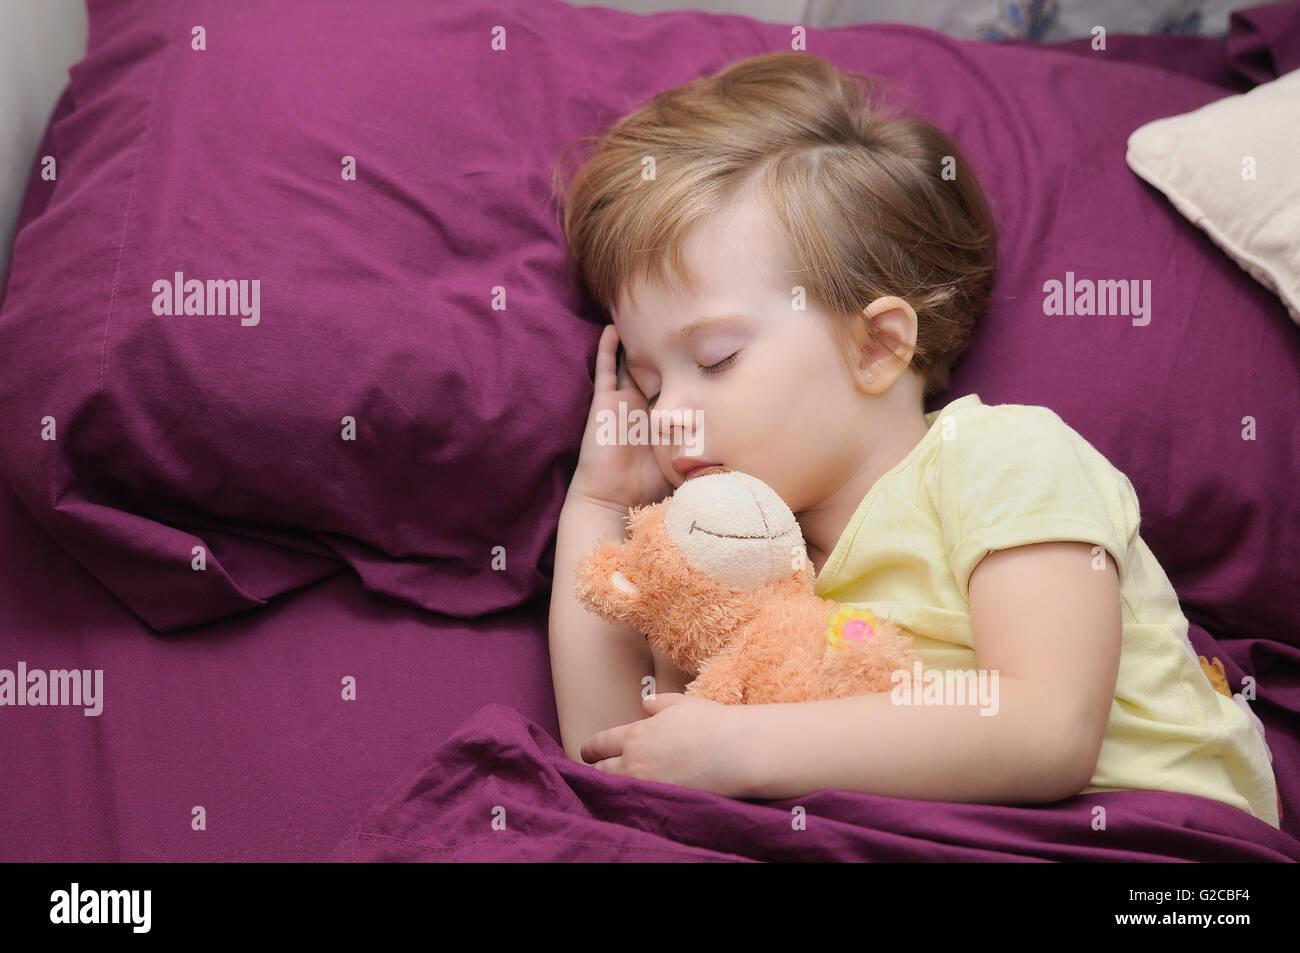 Mädchen schläft friedlich mit ihren Teddybär zwischen Granate Blätter Stockbild